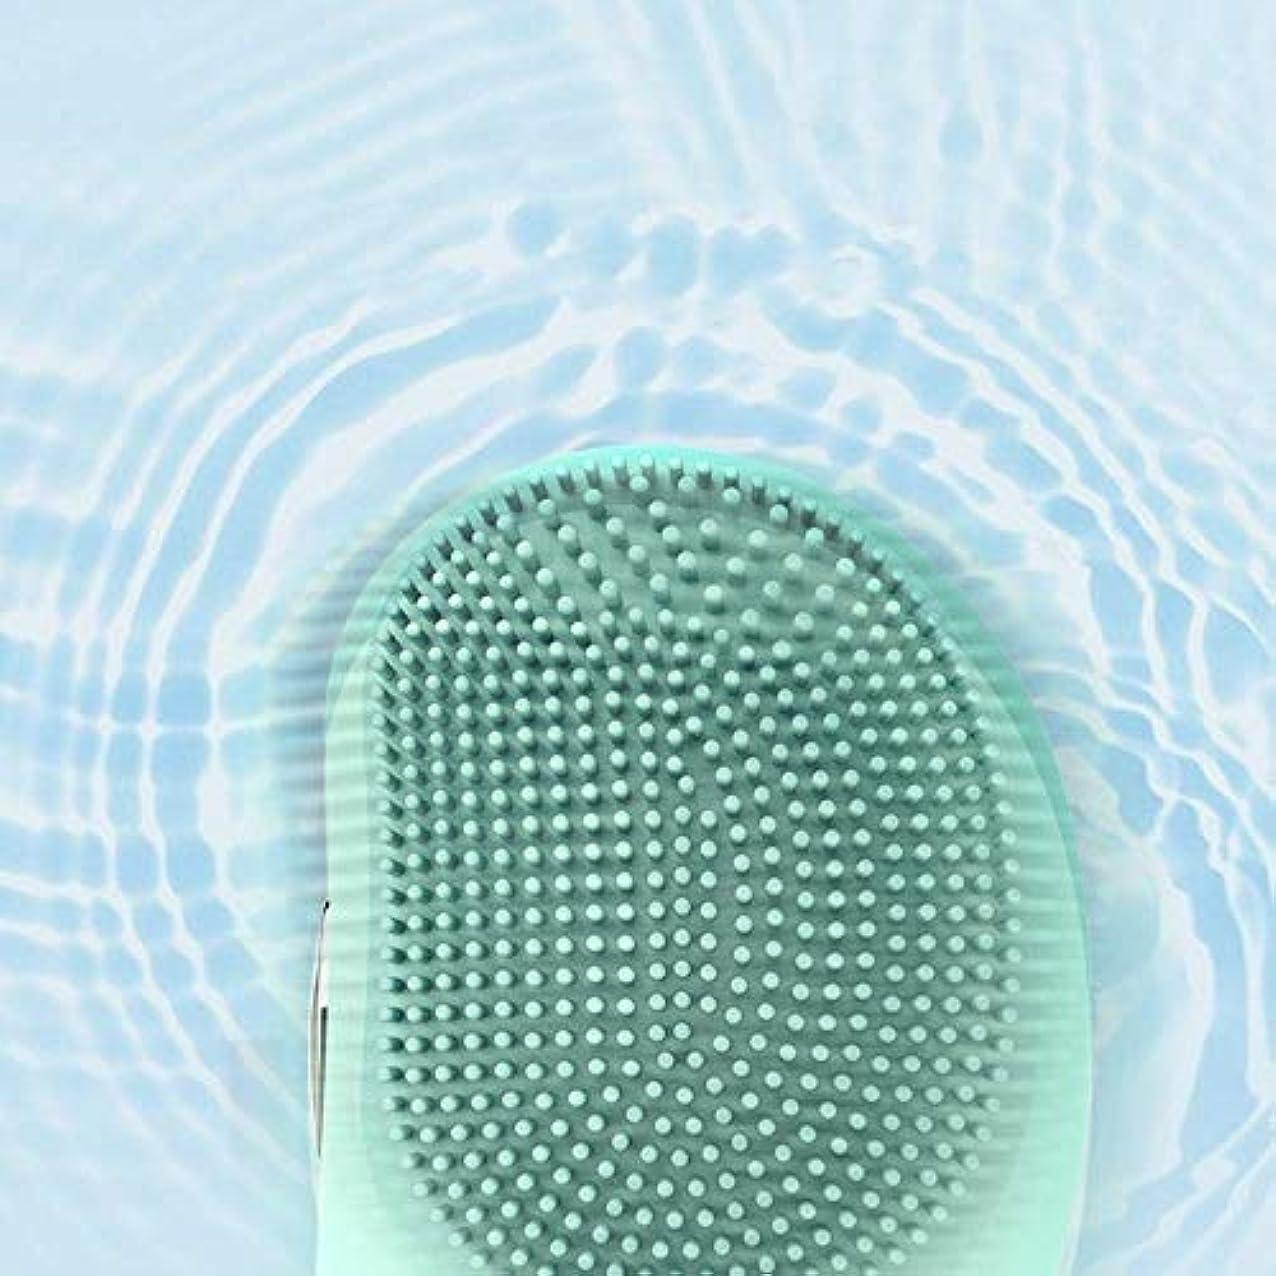 慰め同時パイロットLYX 新エレクトリック防水シリコーンクレンジングブラシ、超音波振動ポータブルクレンジング器、マッサージ器、美容機器、家庭用クリーナーデトックスクリーニングブラシ (Color : 青)